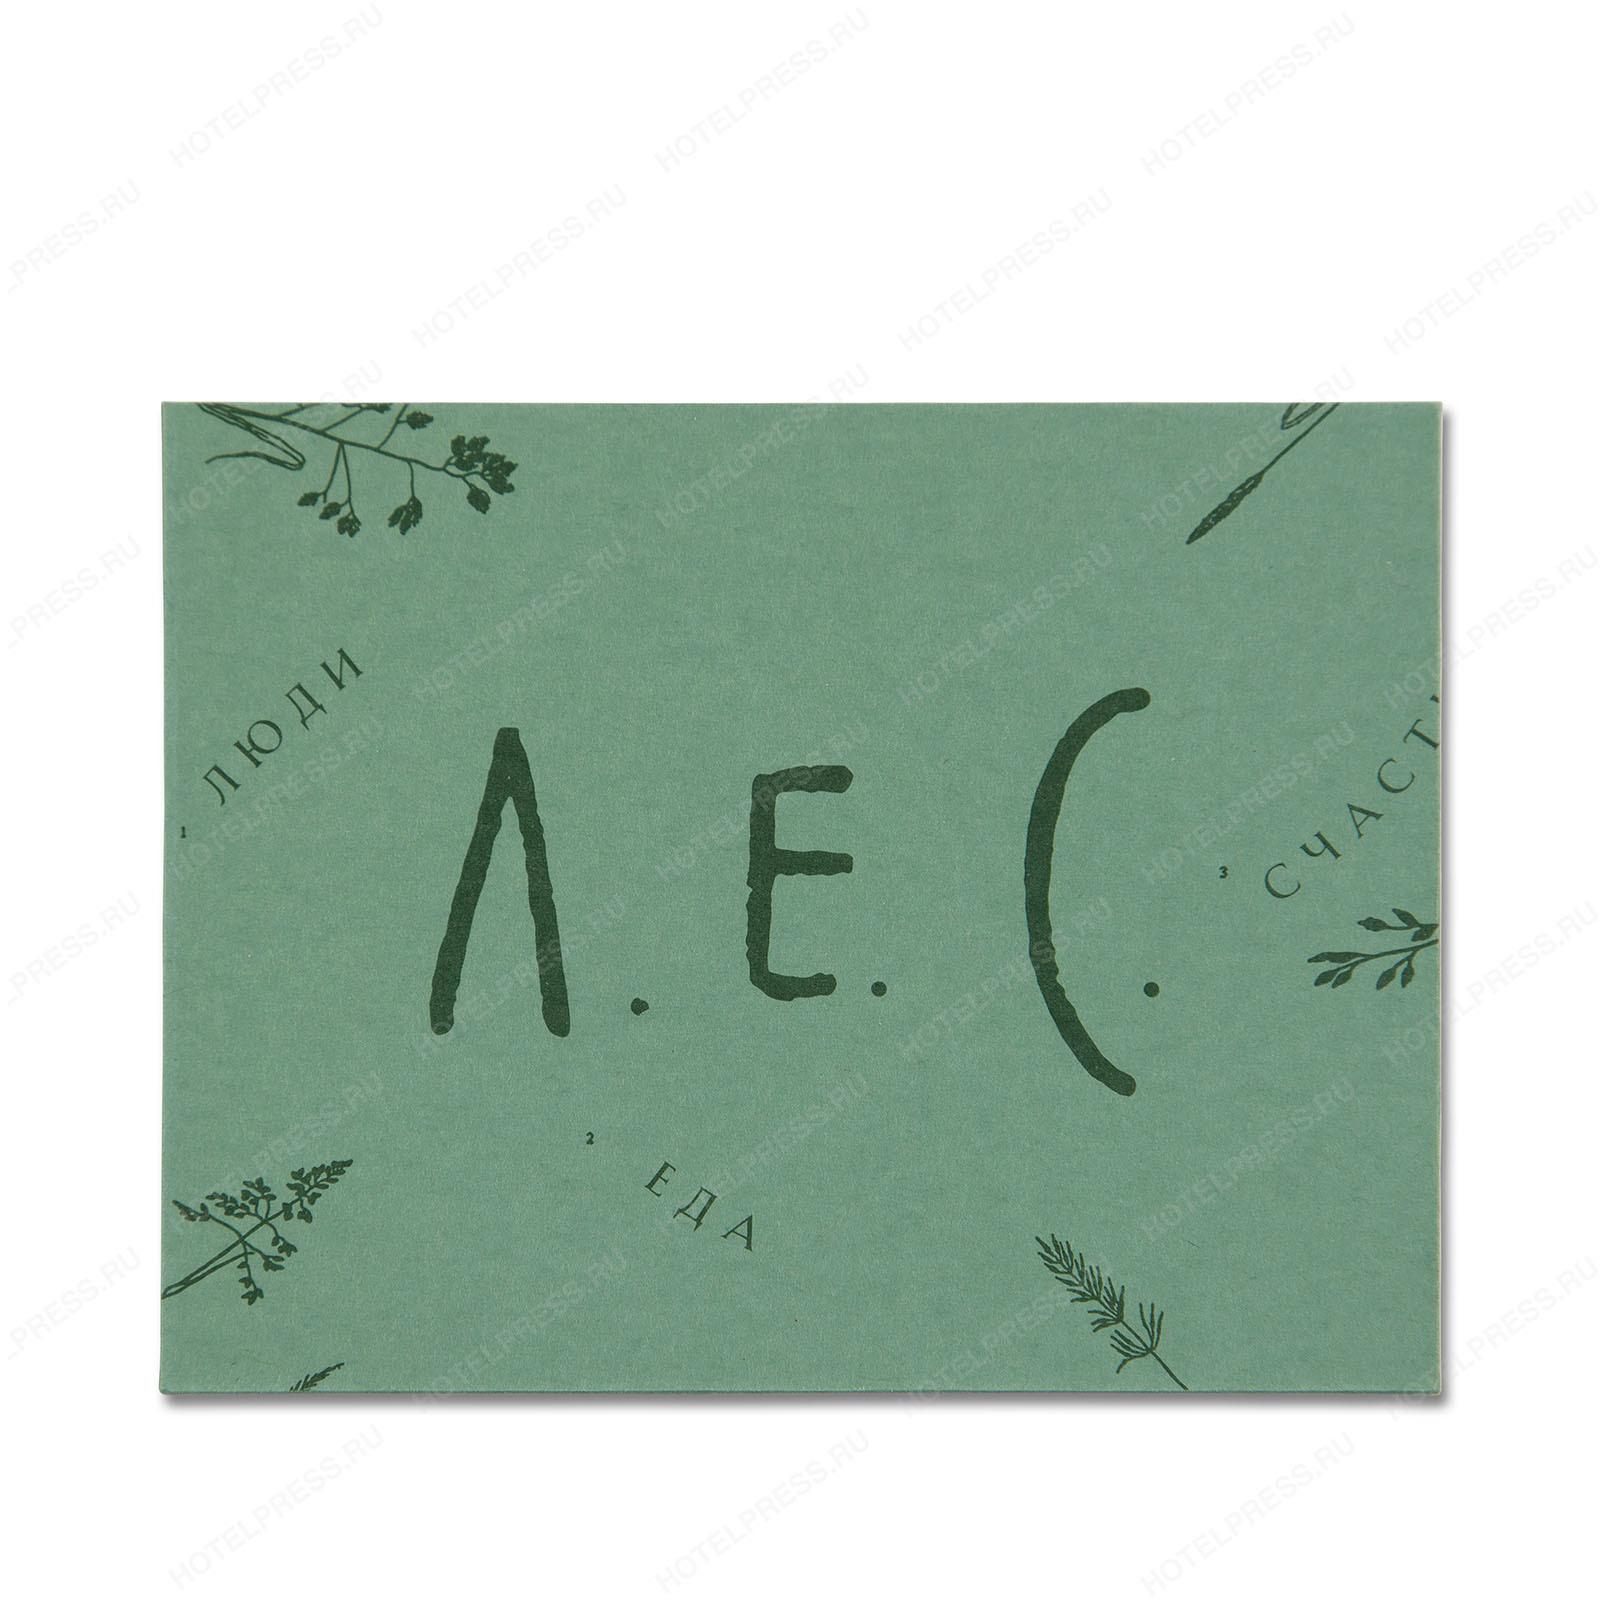 Плотная кашированная визитка из дизайнерской бумаги ресторана «Л.Е.С.»